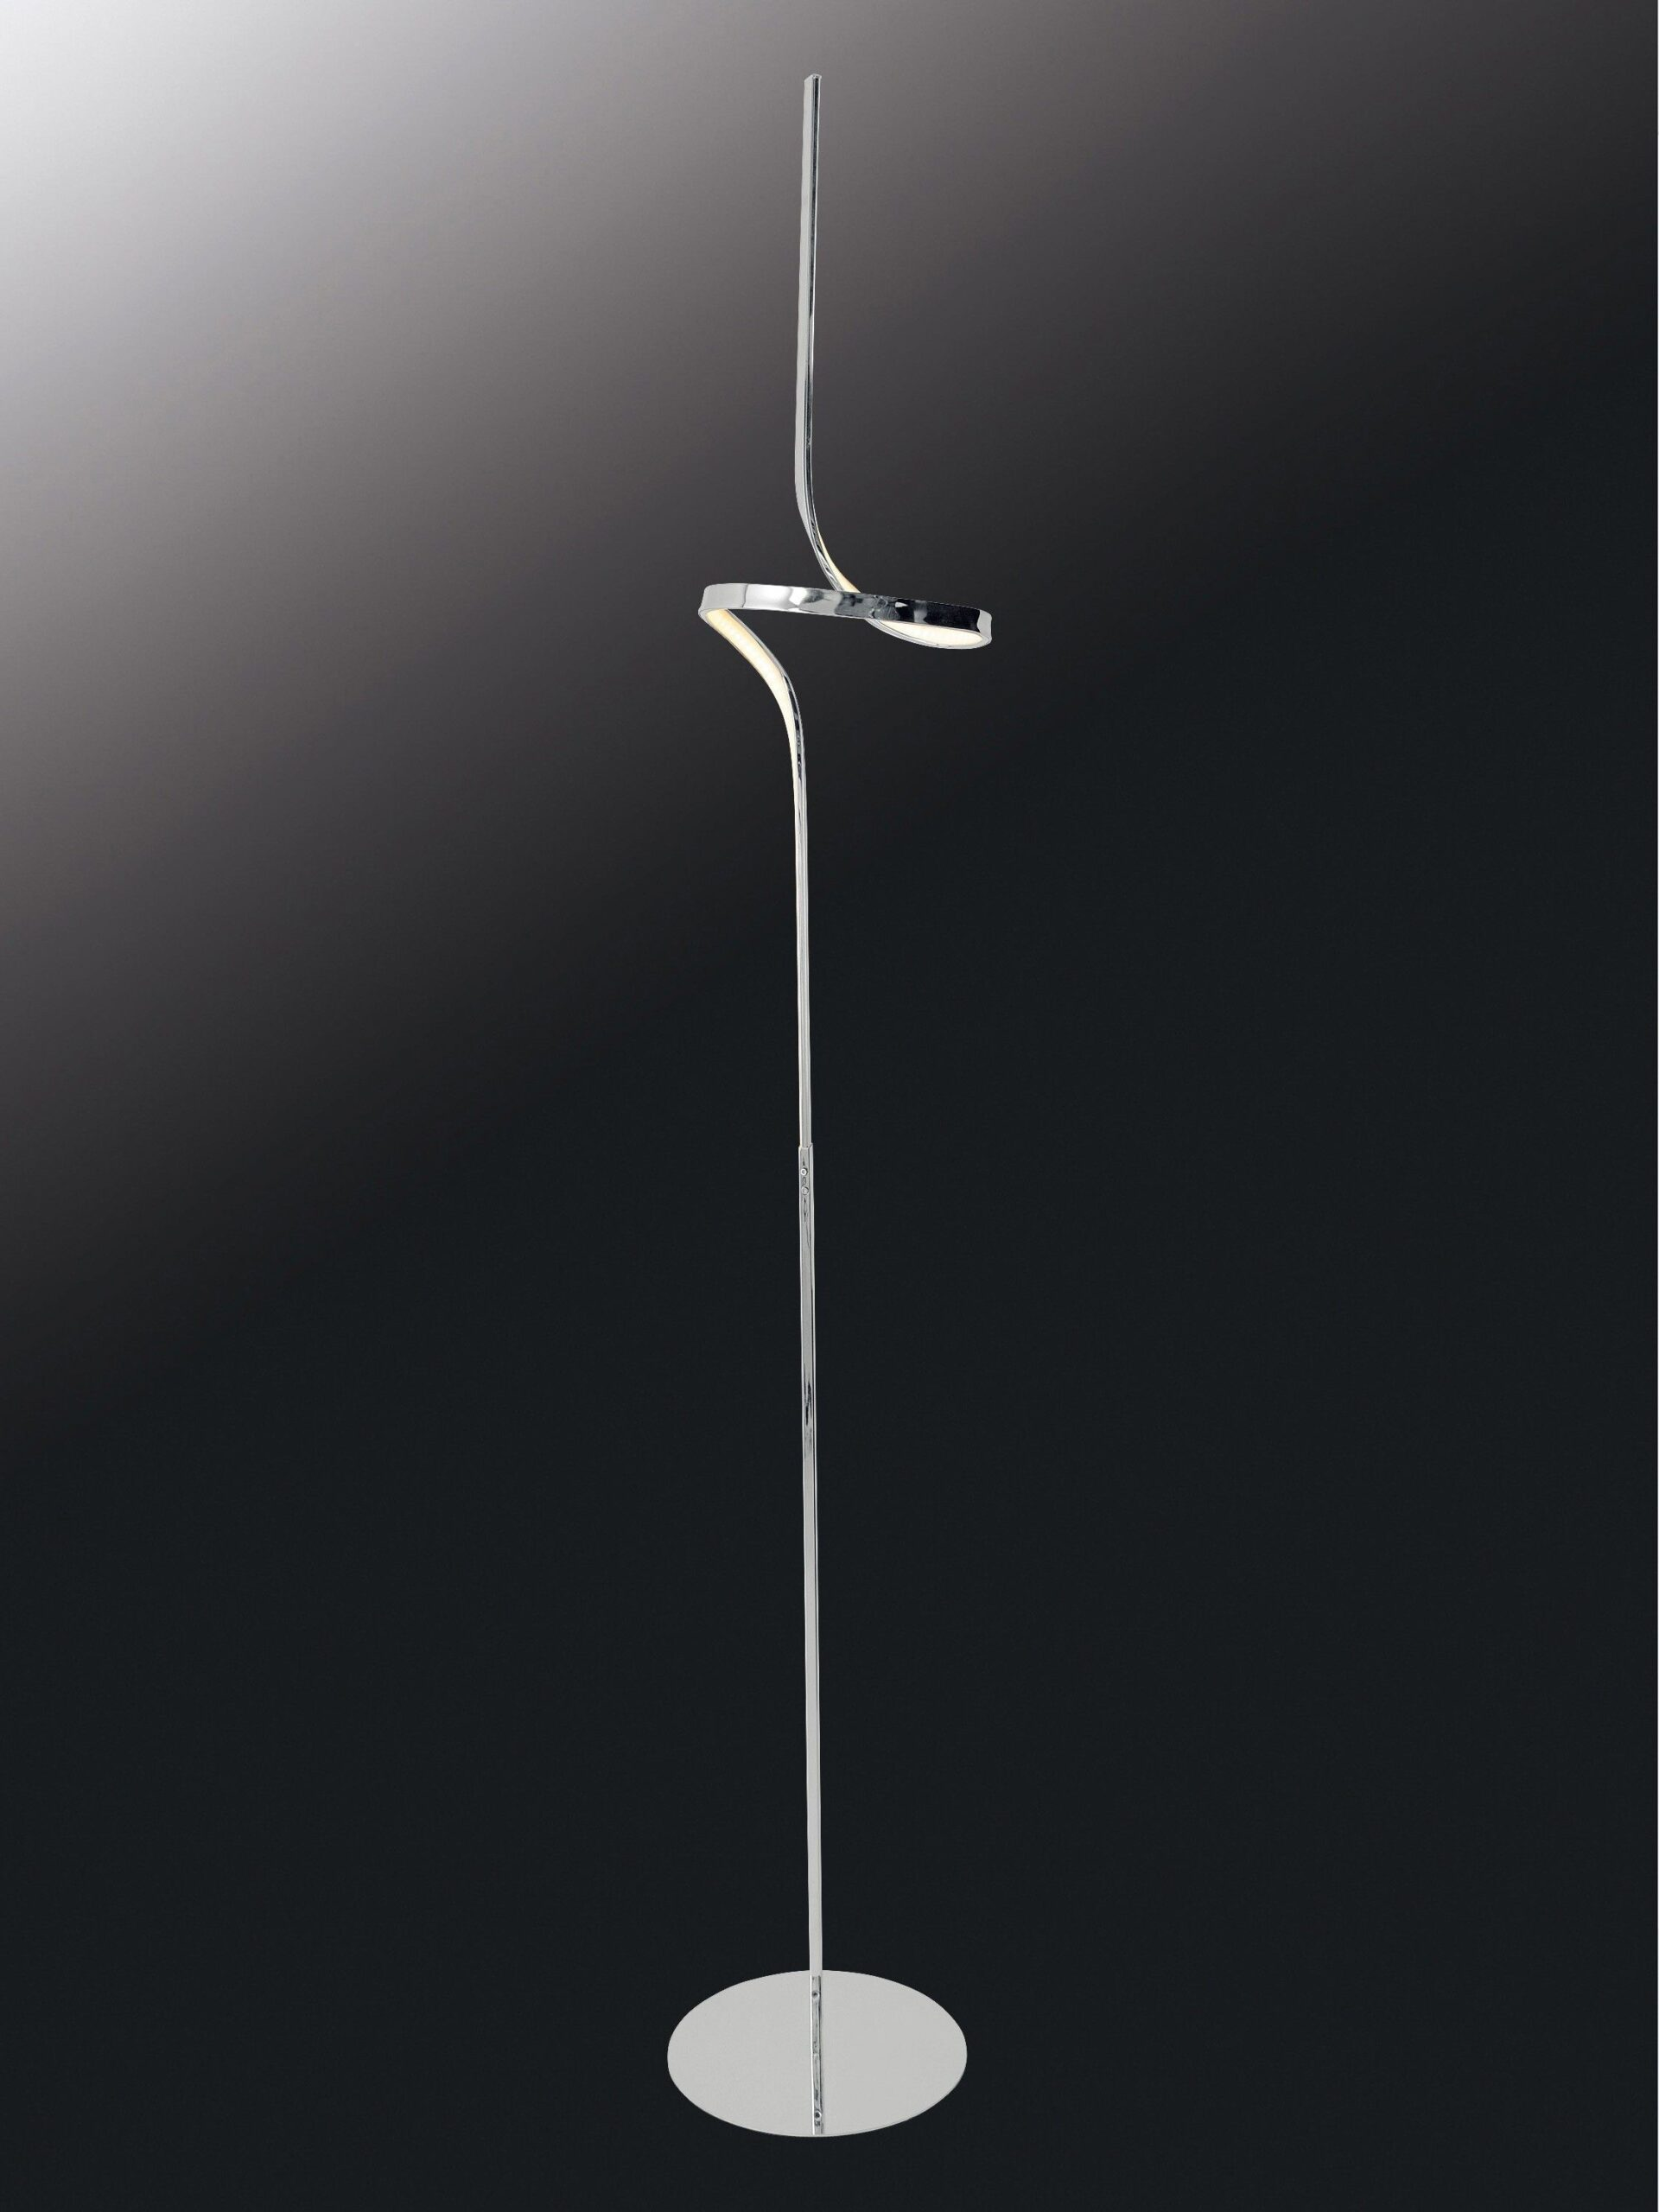 Full Size of Moderne Stehlampe Wohnzimmer Pendelleuchte Decken Bilder Xxl Wandtattoo Decke Schrankwand Fürs Deko Fototapeten Sofa Kleines Tischlampe Sideboard Stehlampen Wohnzimmer Moderne Stehlampe Wohnzimmer